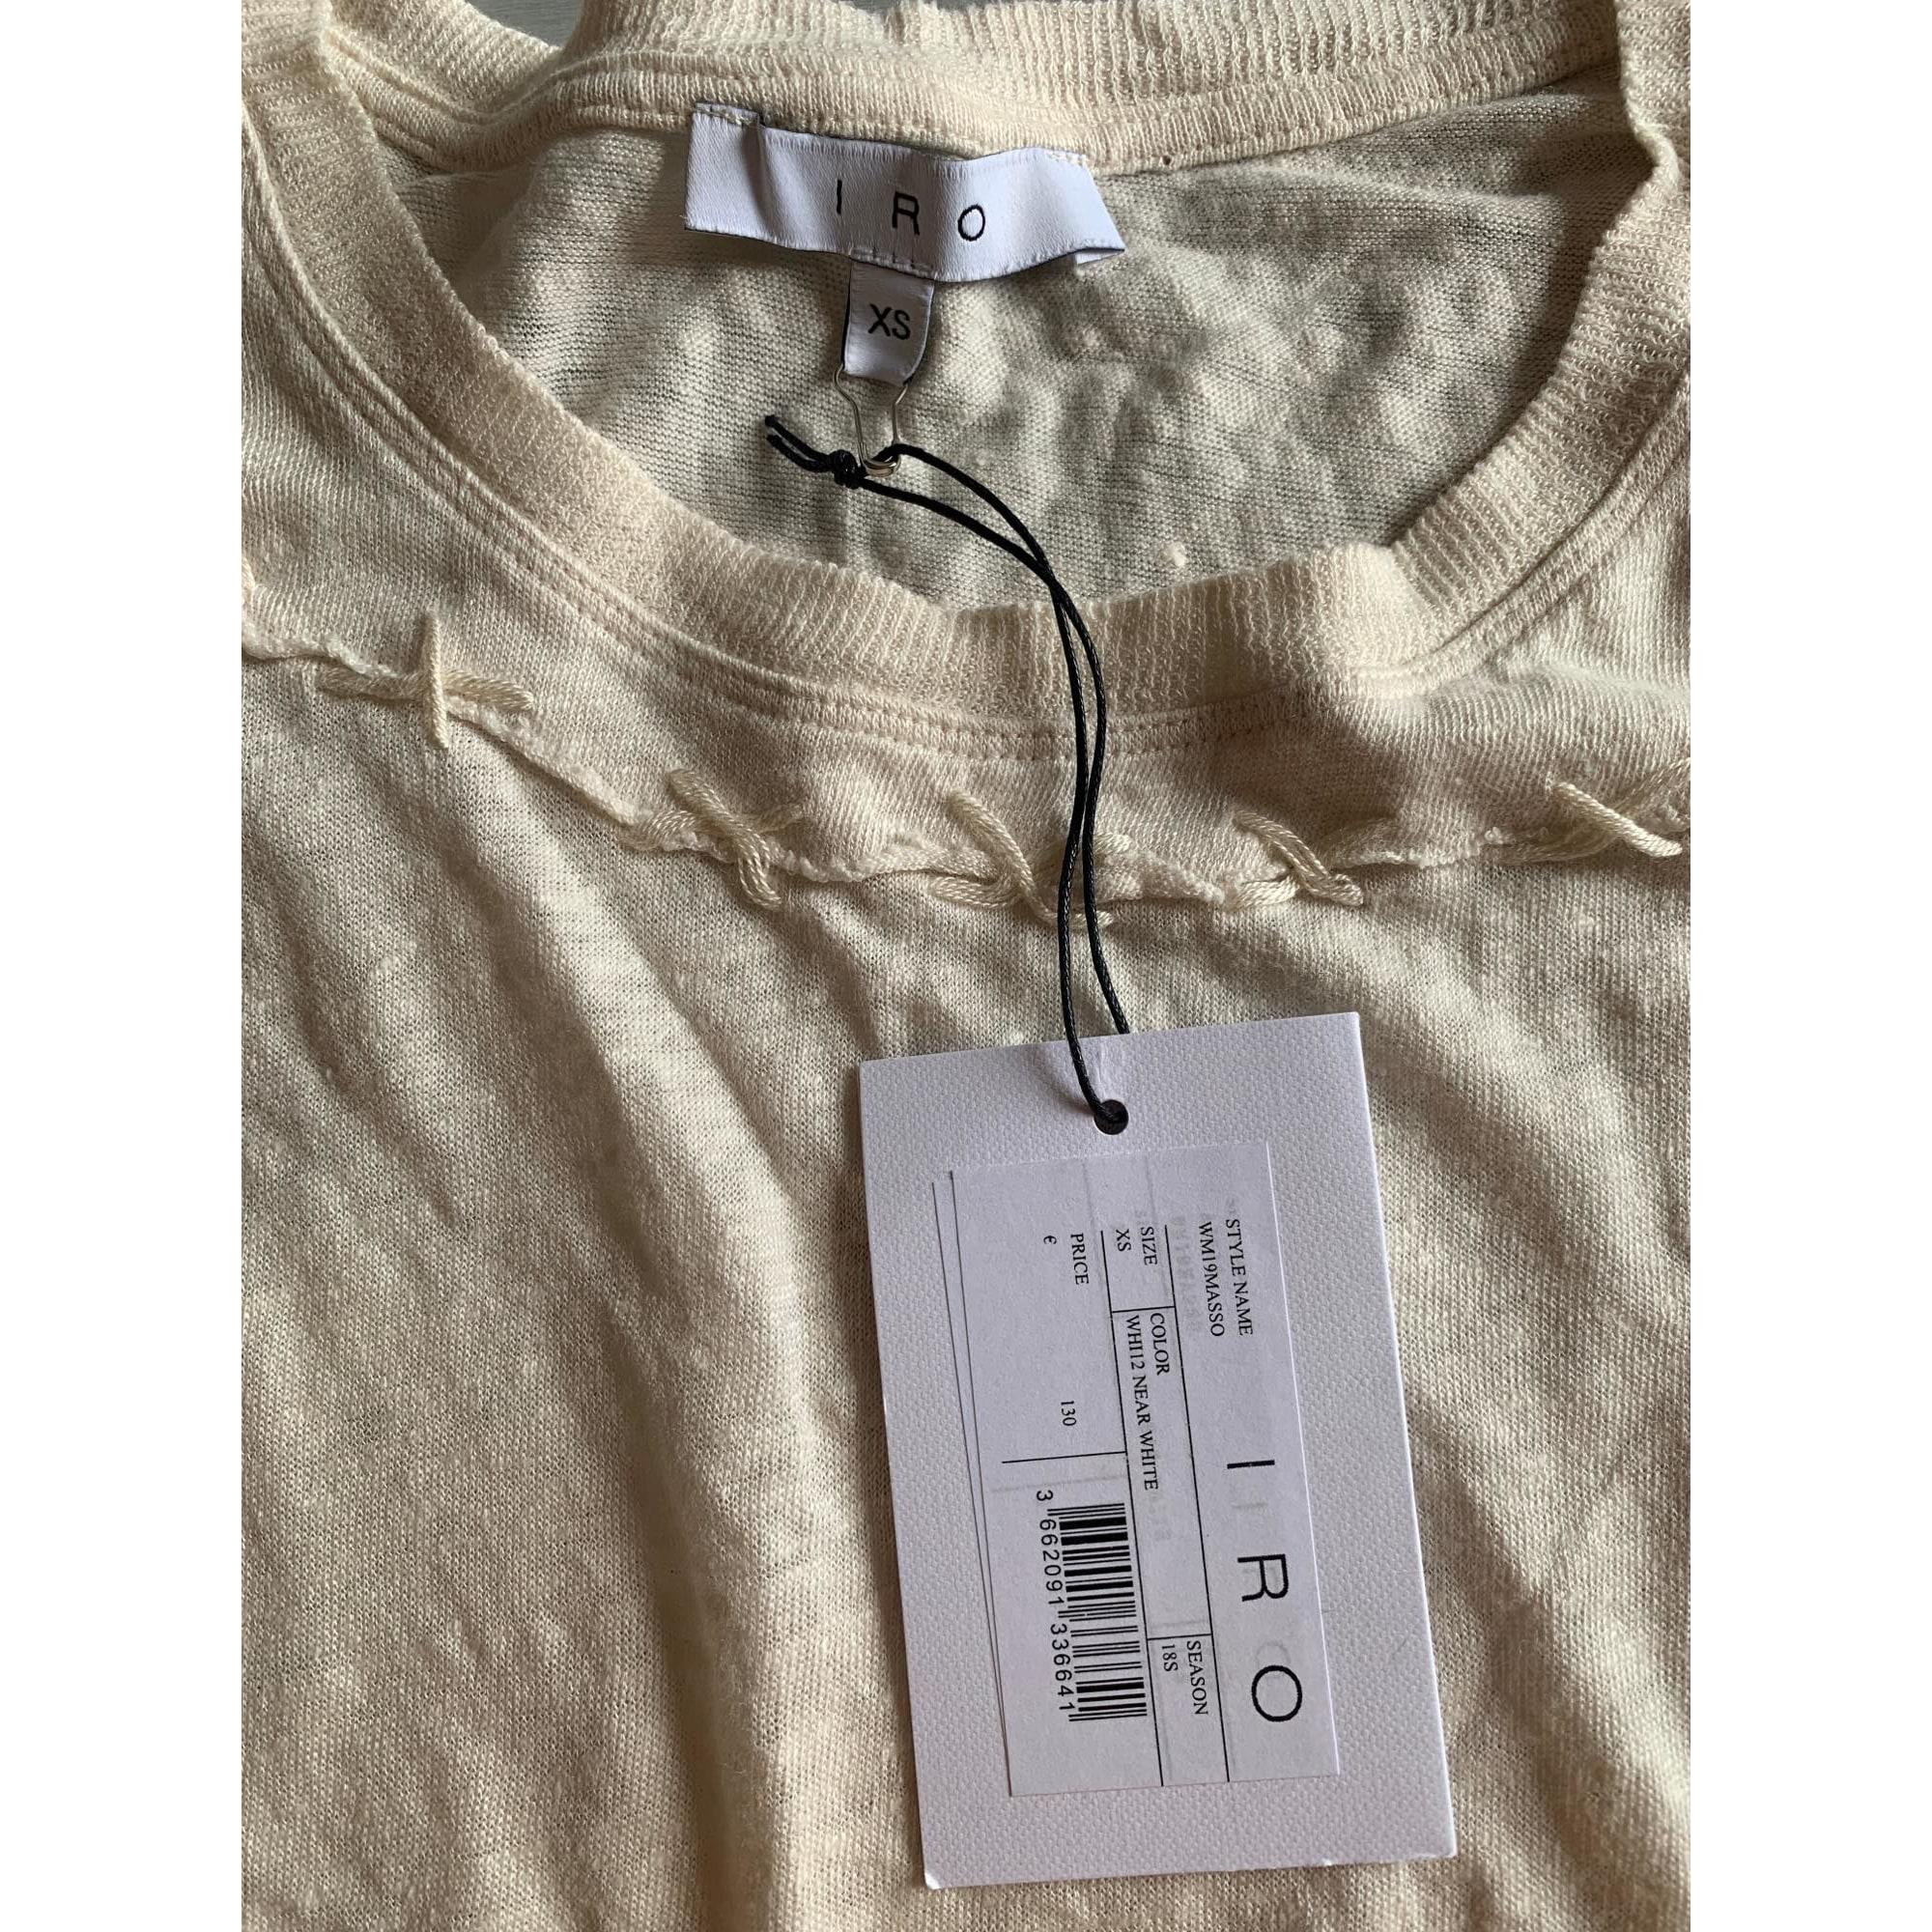 Top, tee-shirt IRO Blanc, blanc cassé, écru